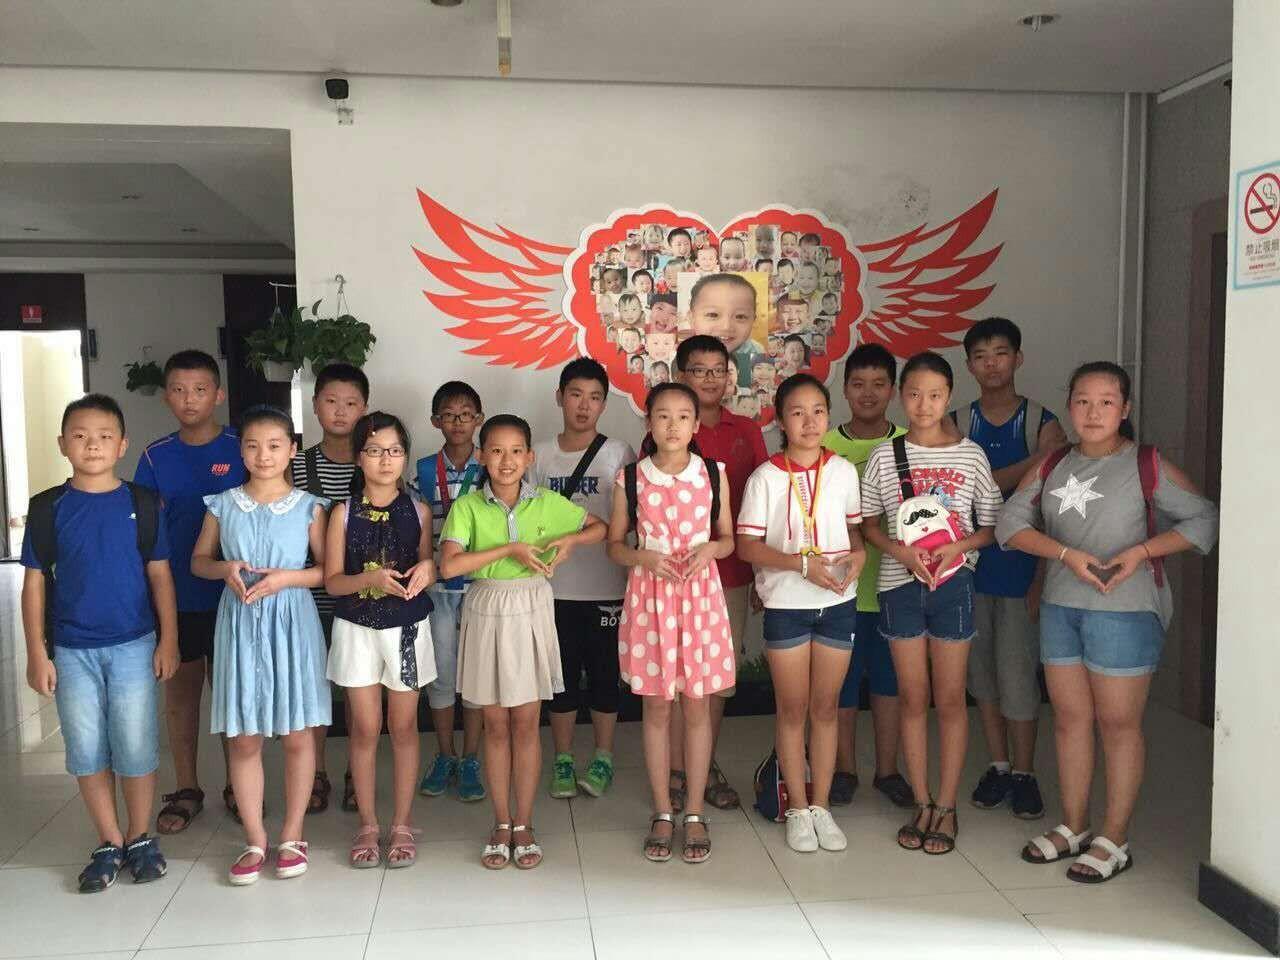 在行走中成长丨走进青岛市儿童福利院——2012级2班家委会组织假期研